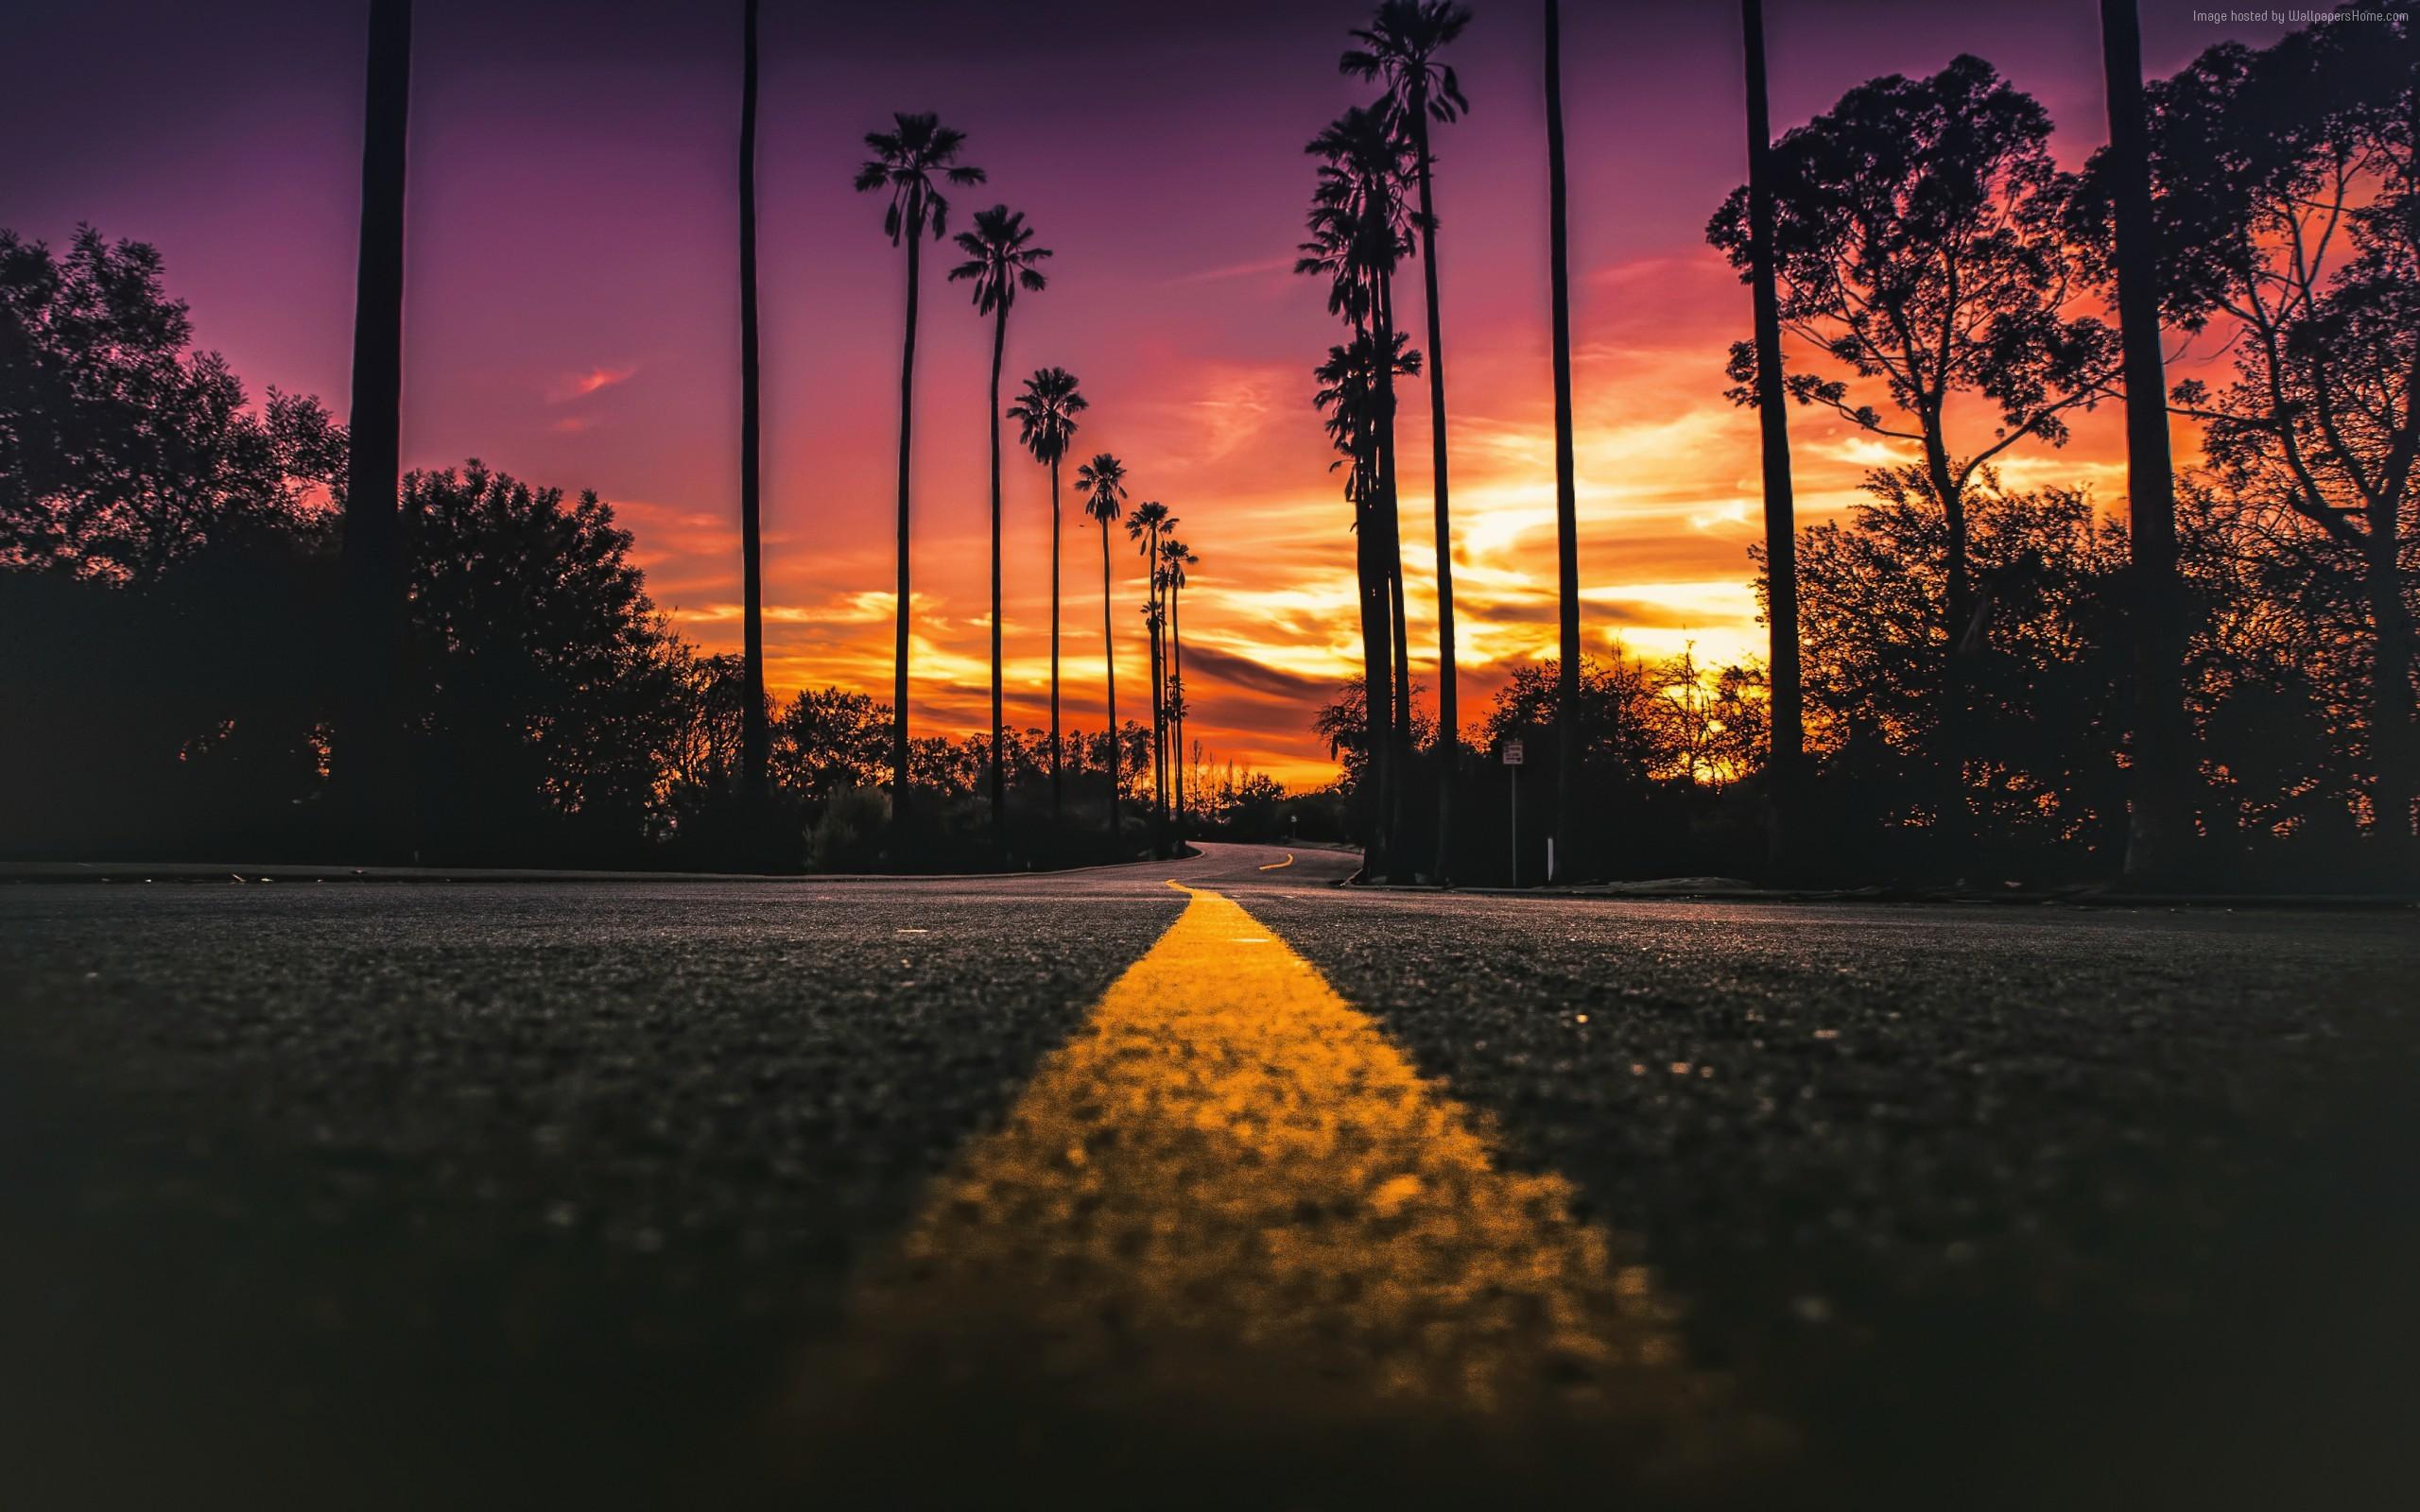 aesthetic sunset wallpaper desktop